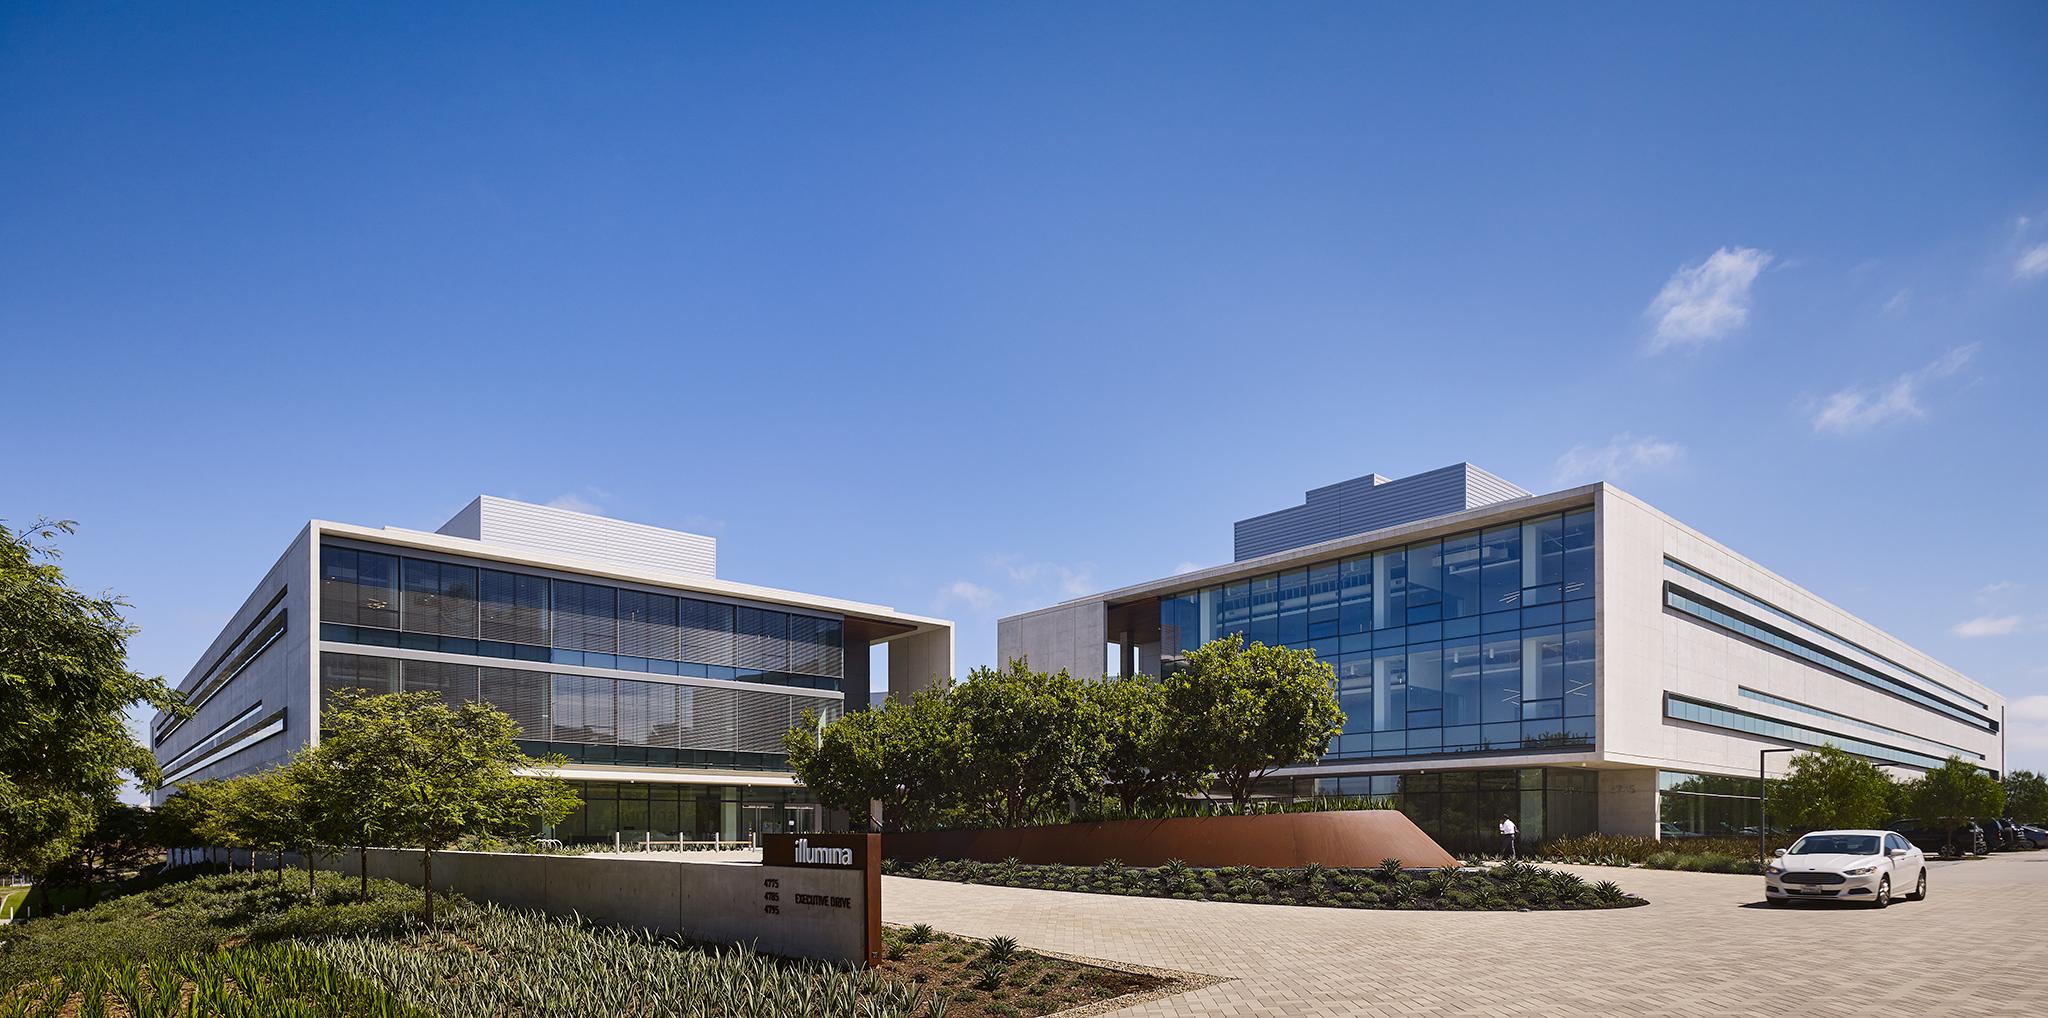 i3 Building  Perkins + Will Architects  La Jolla, CA     Return to Projects